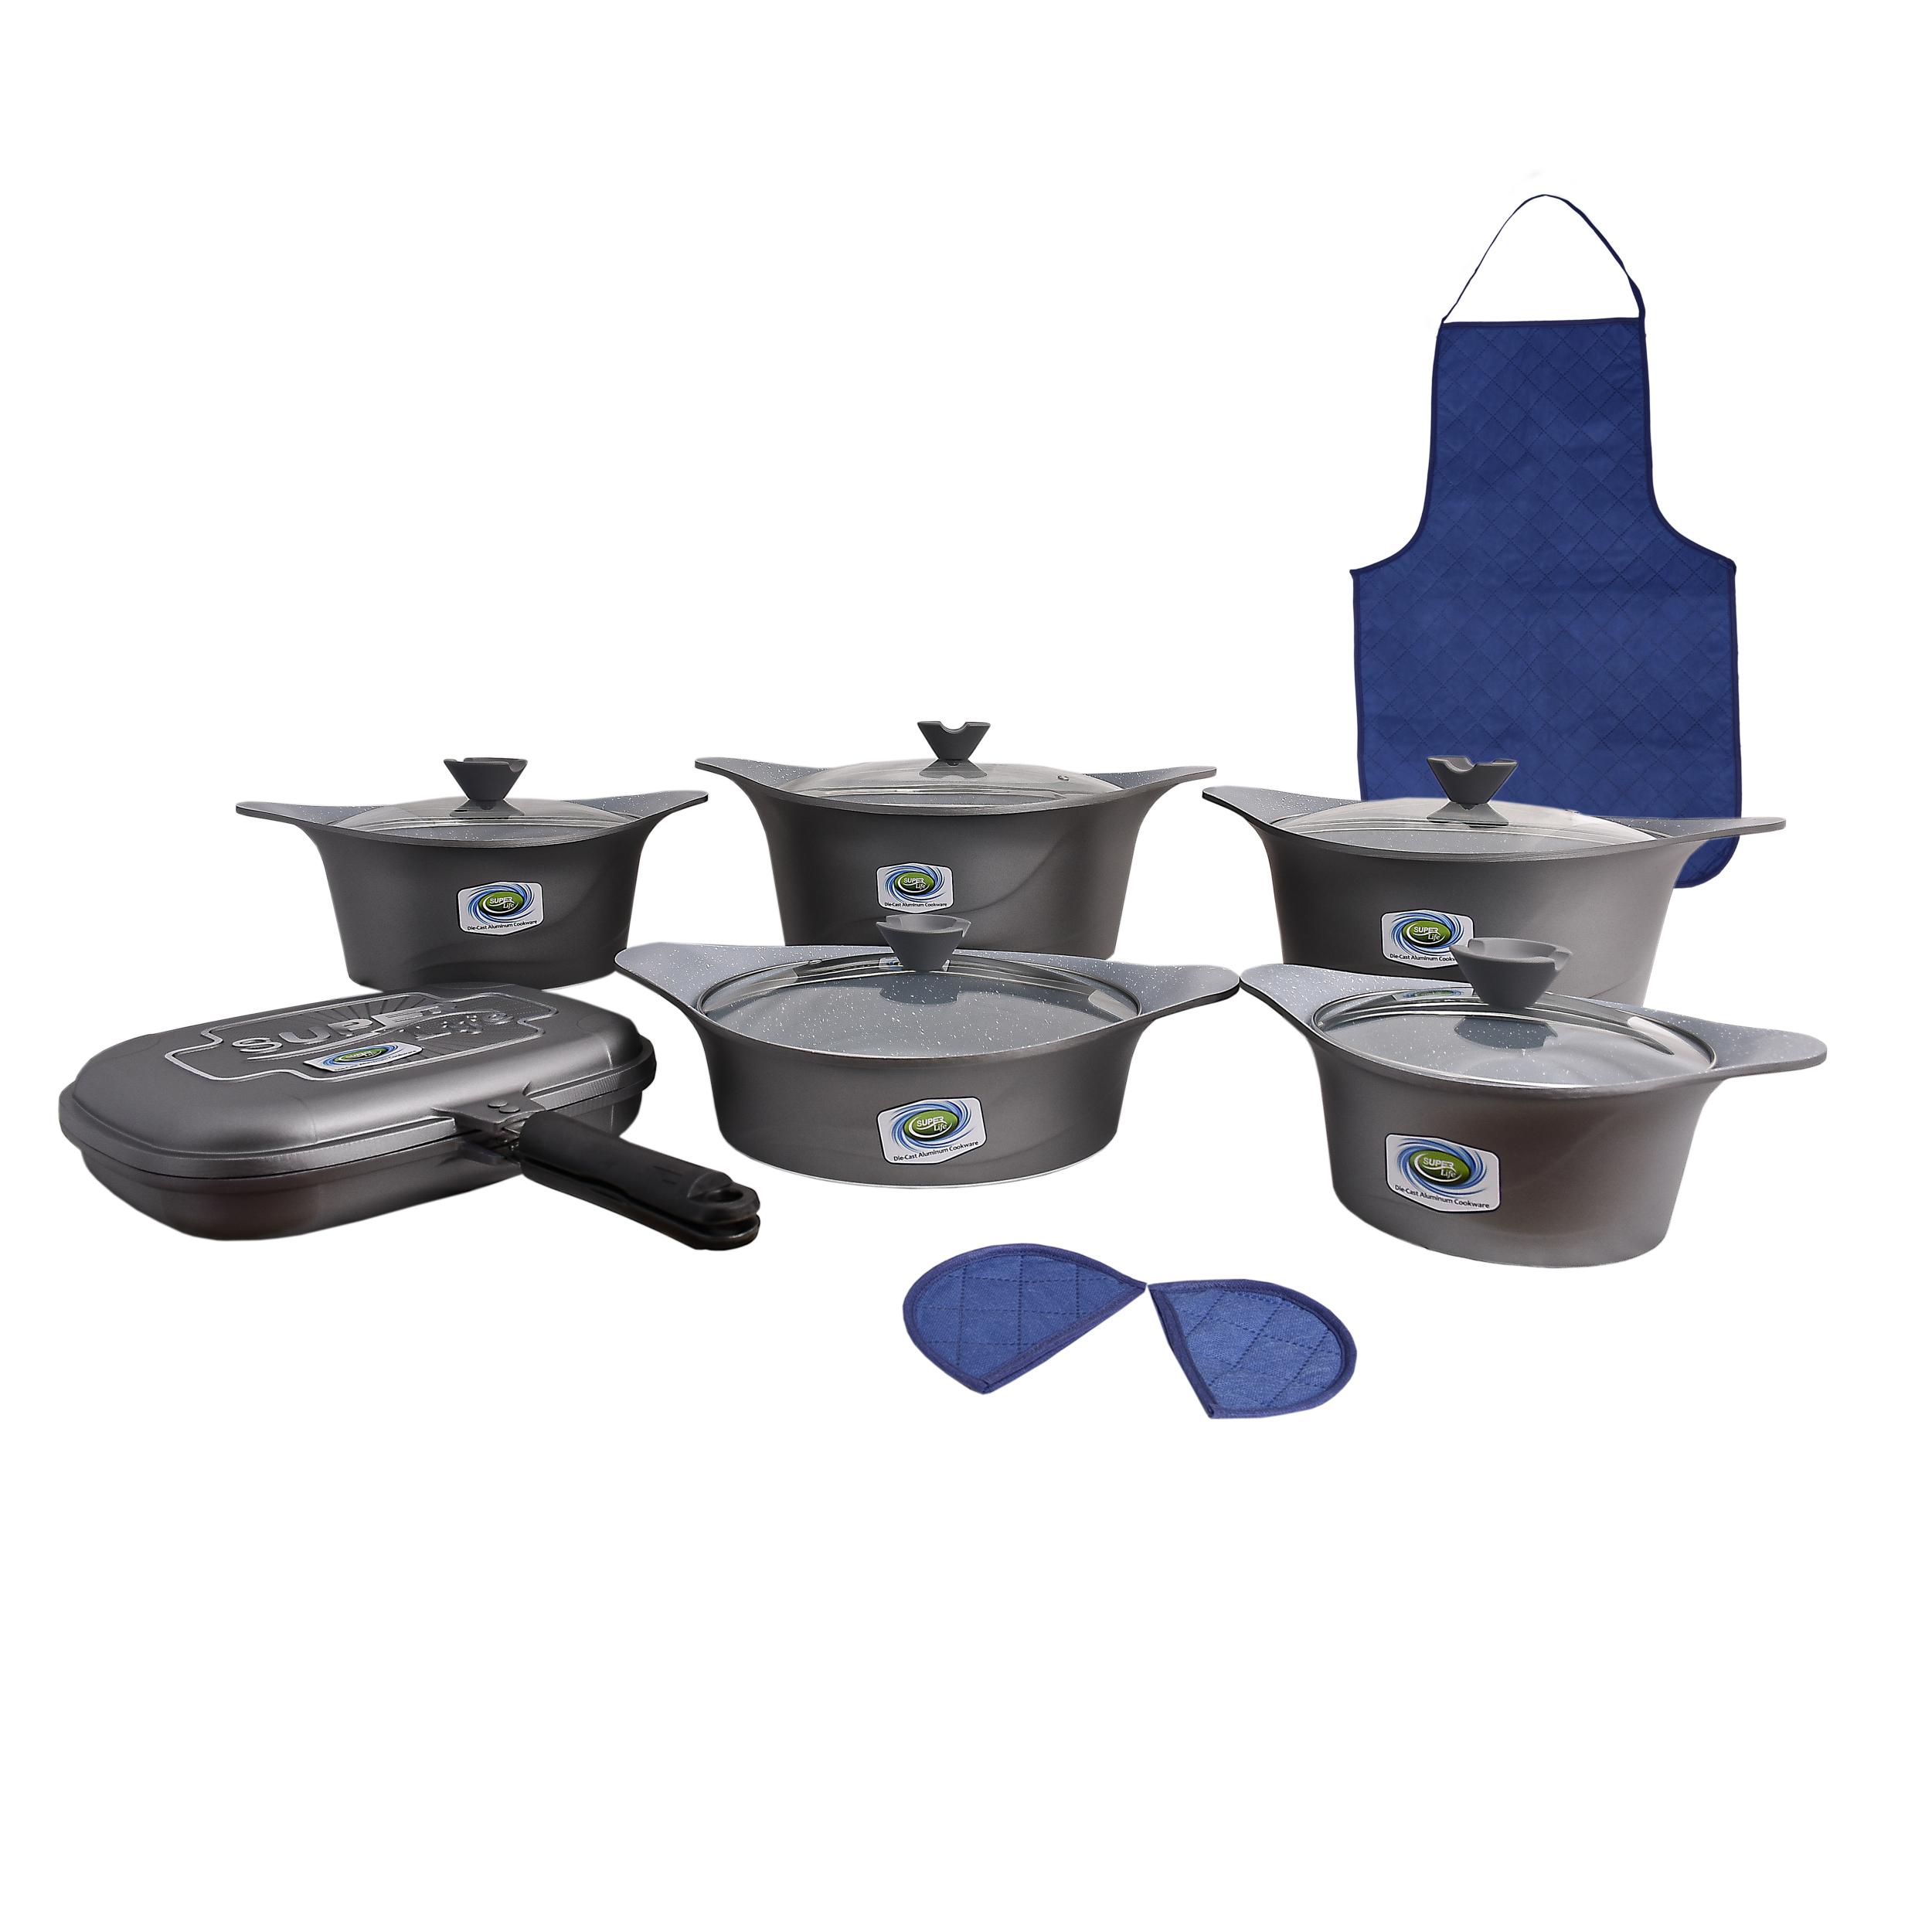 سرویس پخت و پز 15 پارچه سوپرلایف مدل kc11